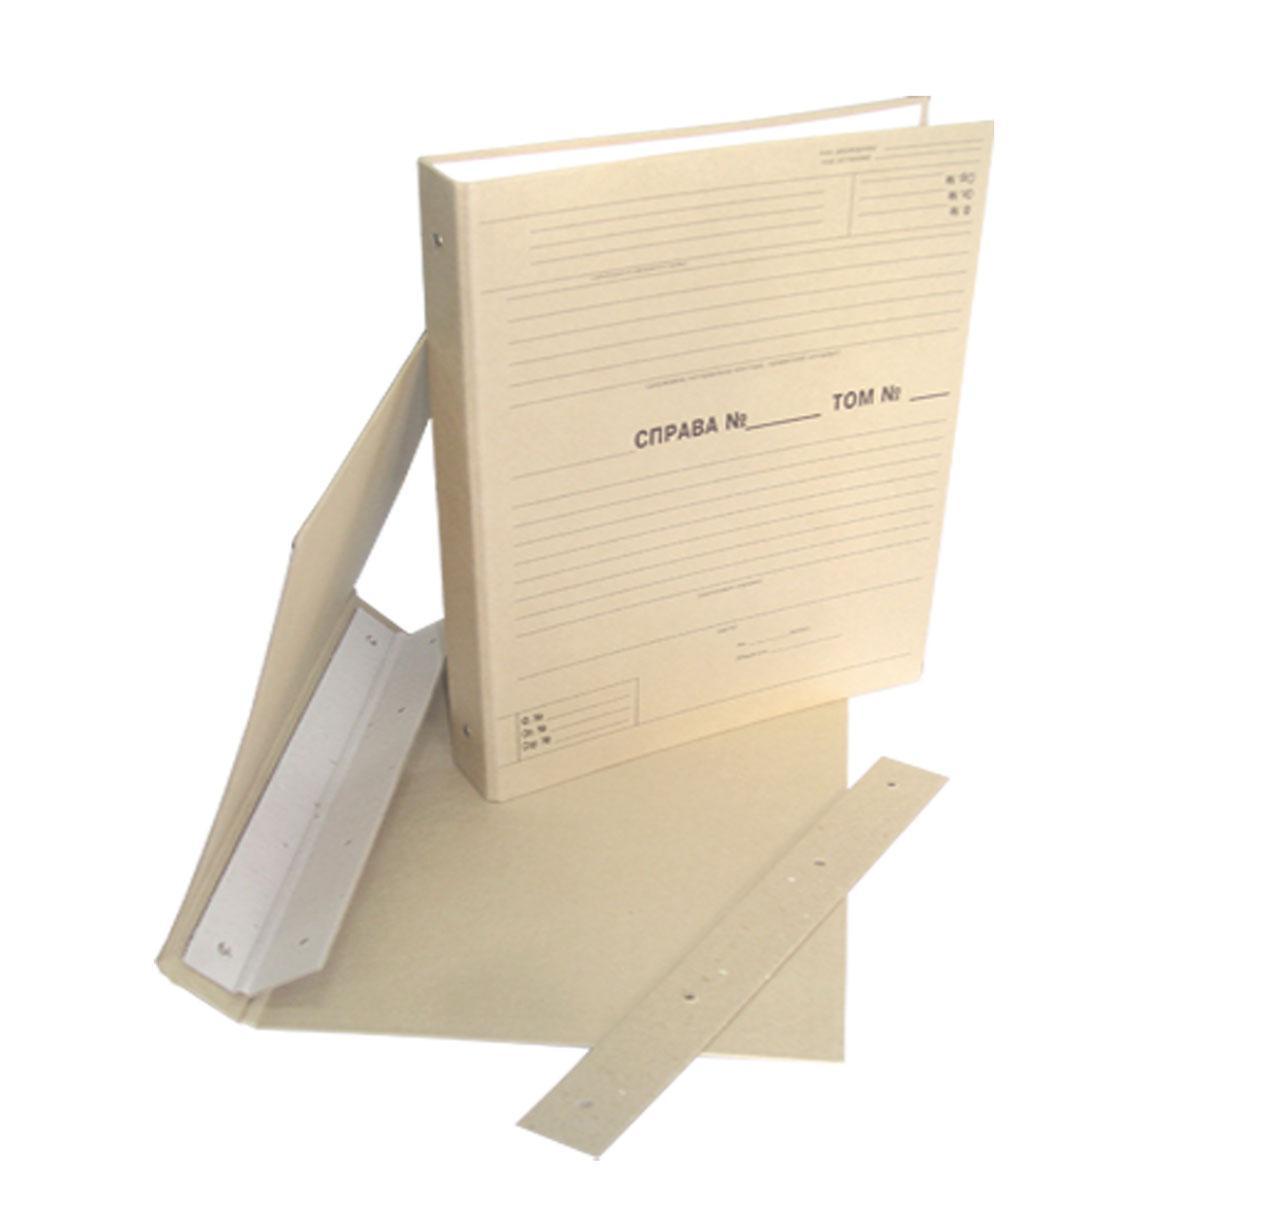 Папка для нотариусов архивная, А4, 40 мм